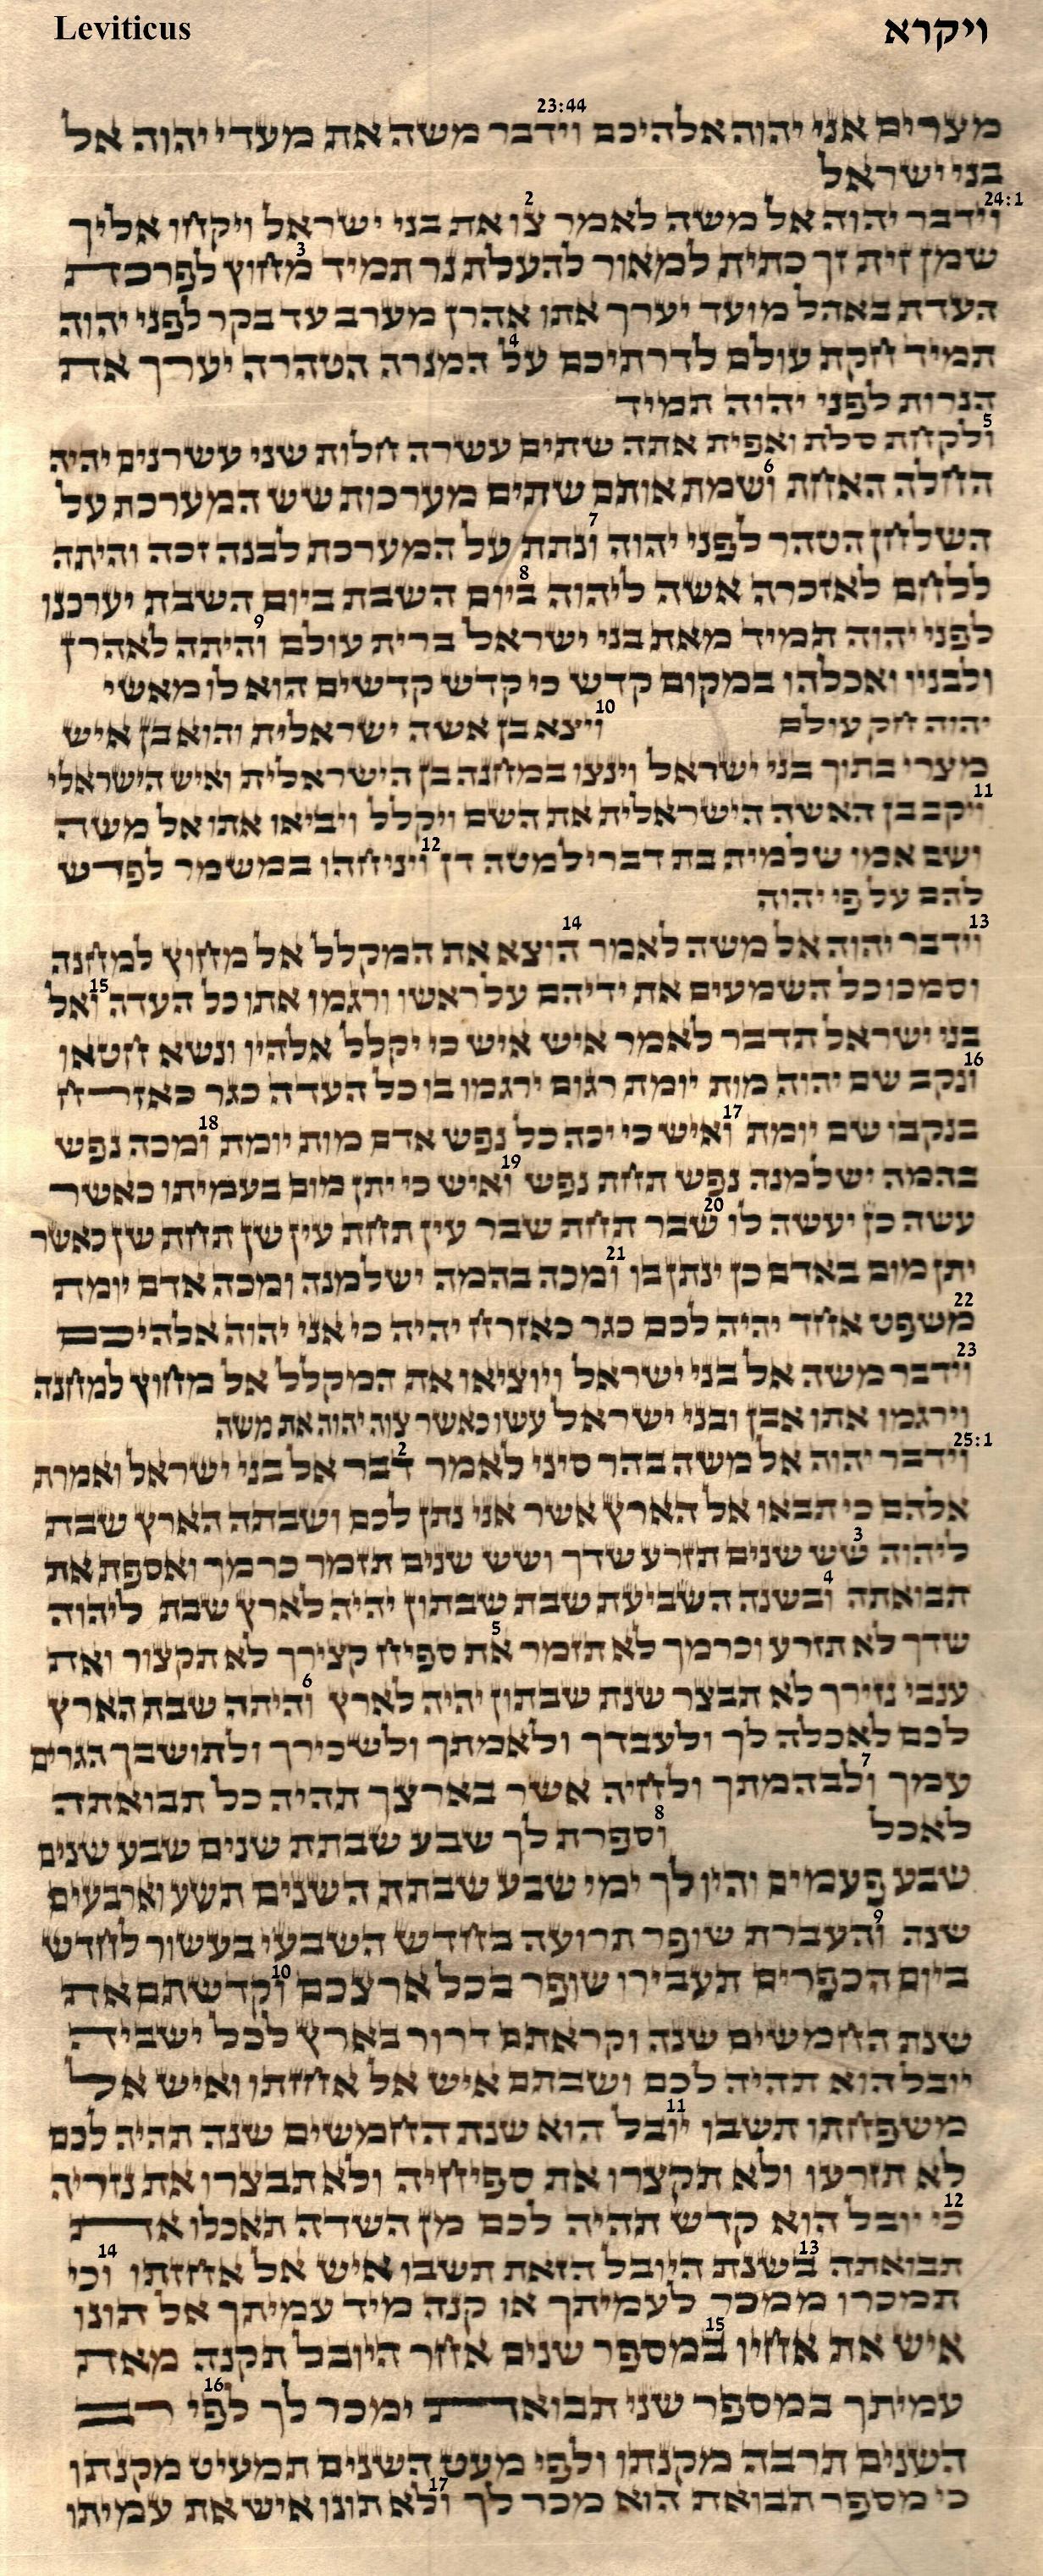 Leviticus 23.44 - 25.17